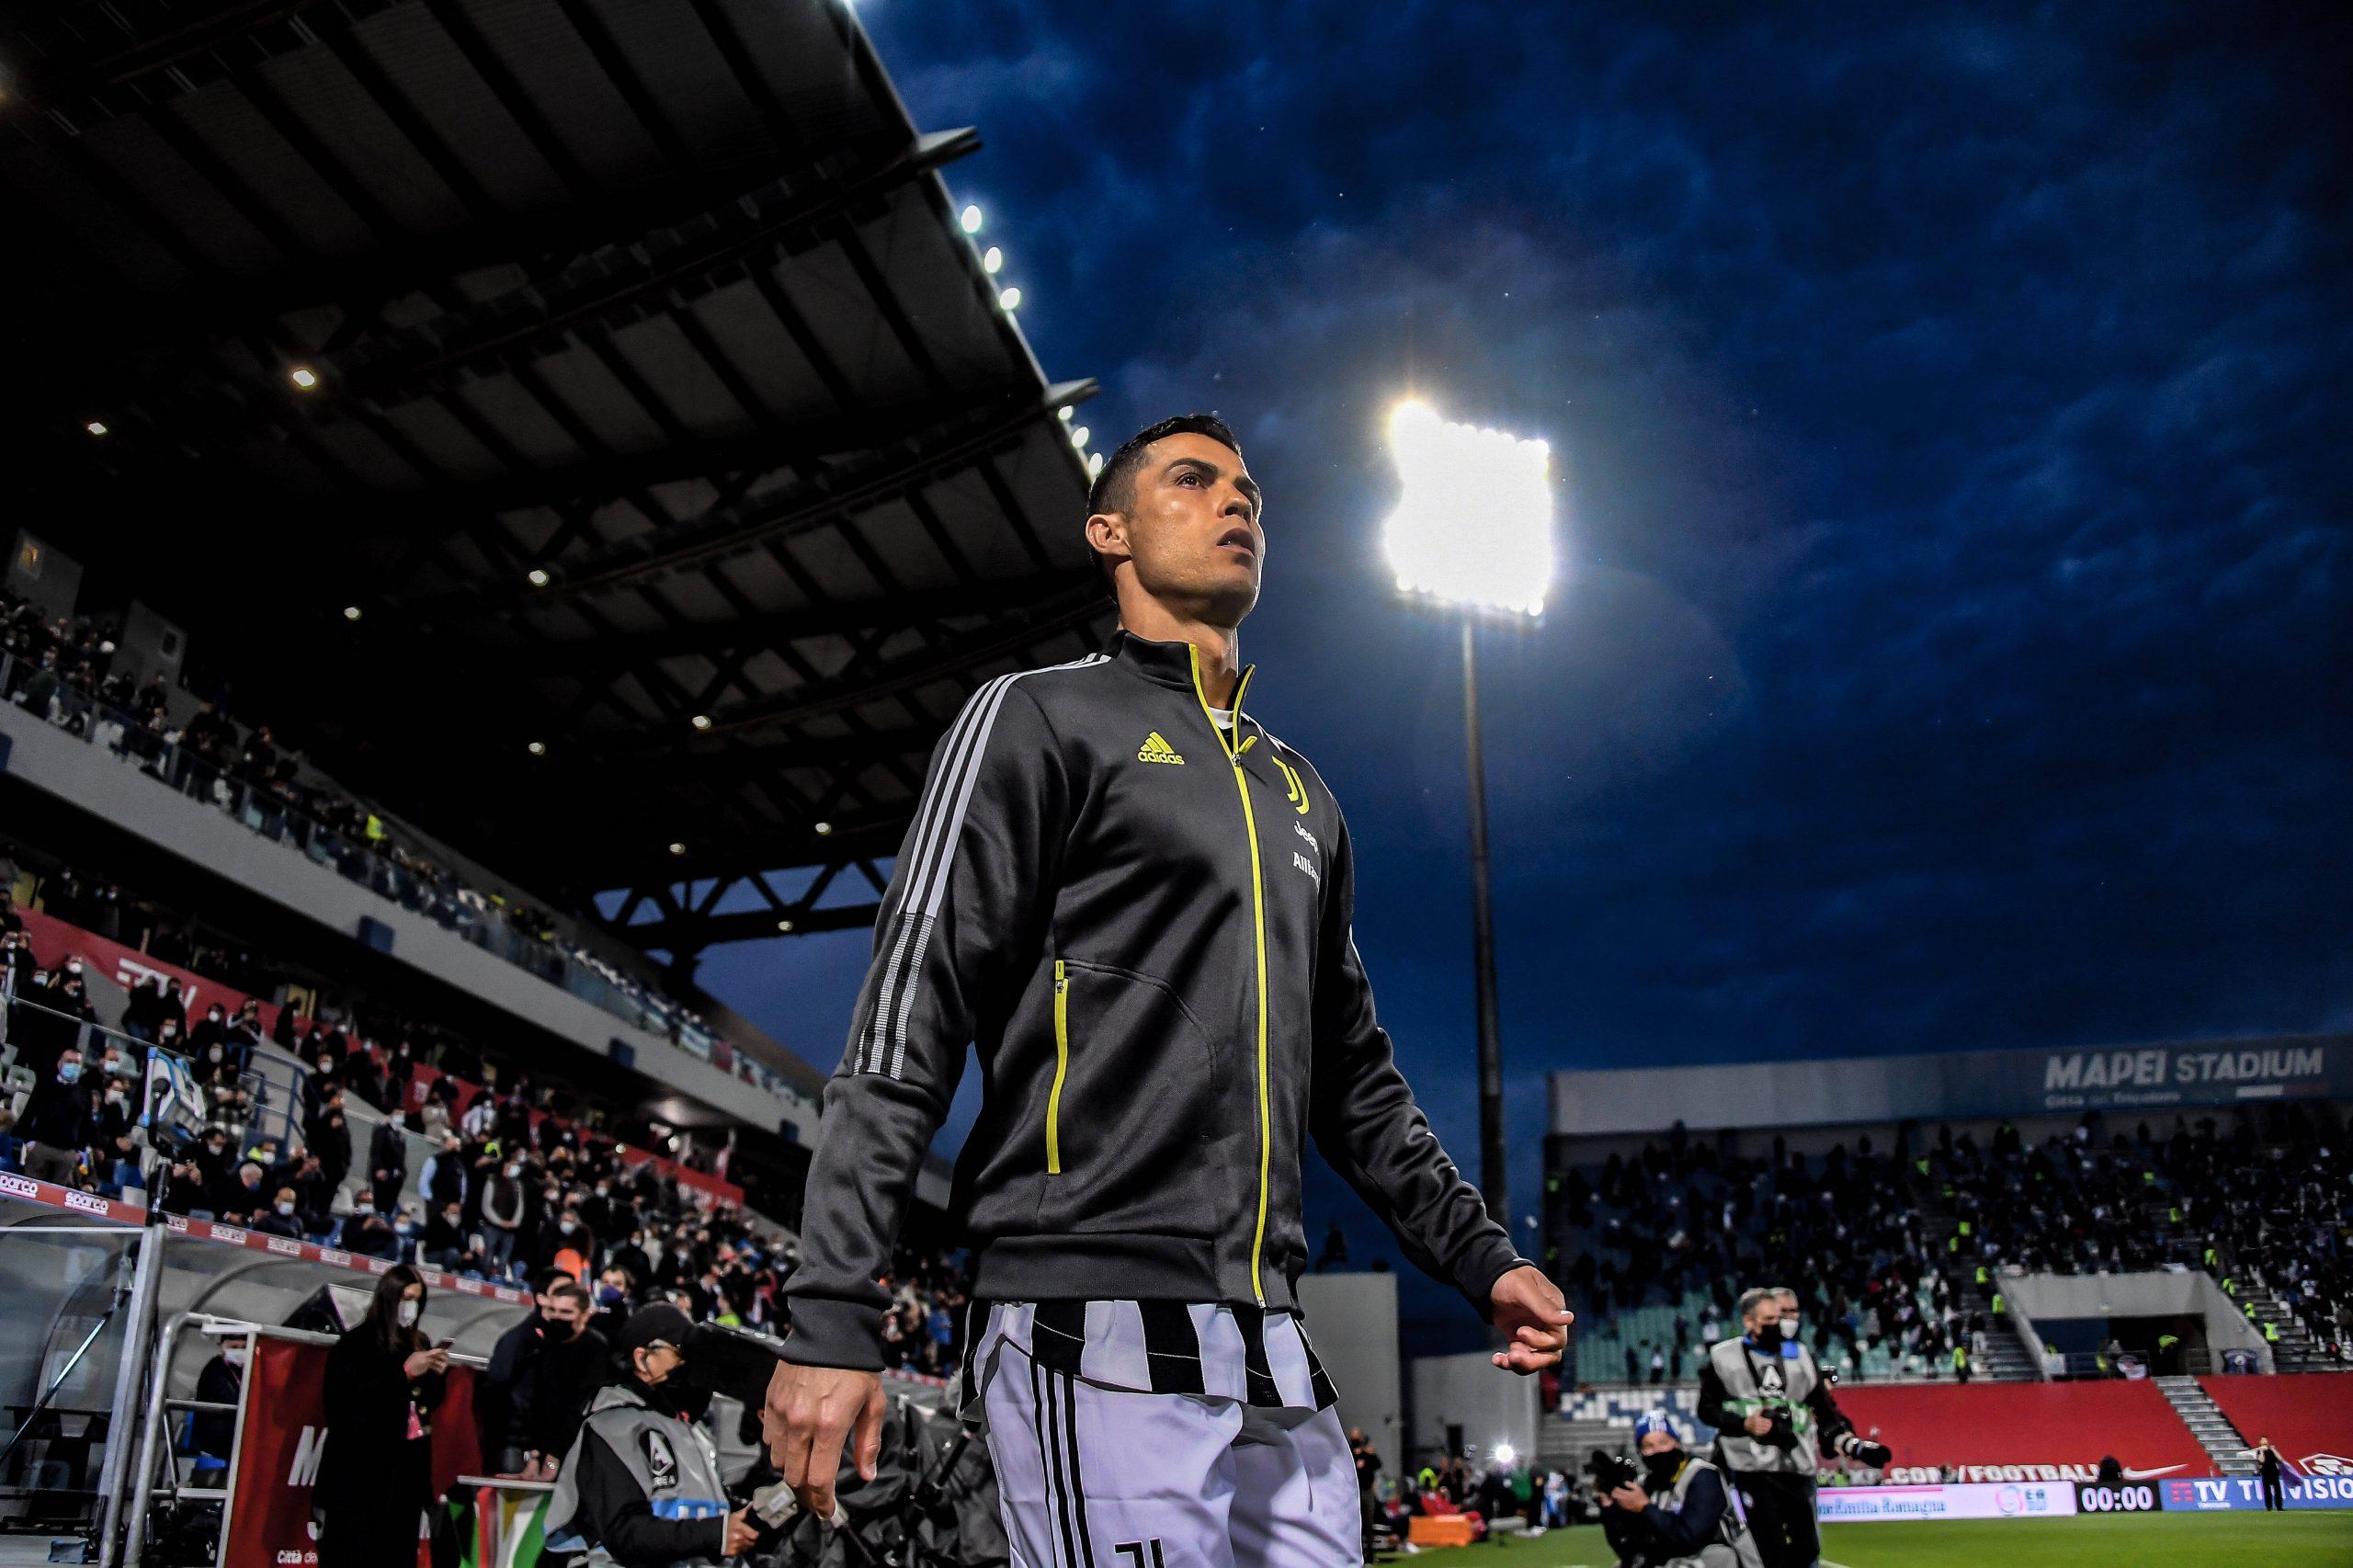 Cristiano Ronaldo dos Santos Aveiro (Juventus) during the Italian Serie A Italy Cup match between Atalanta 1-2 Juventus